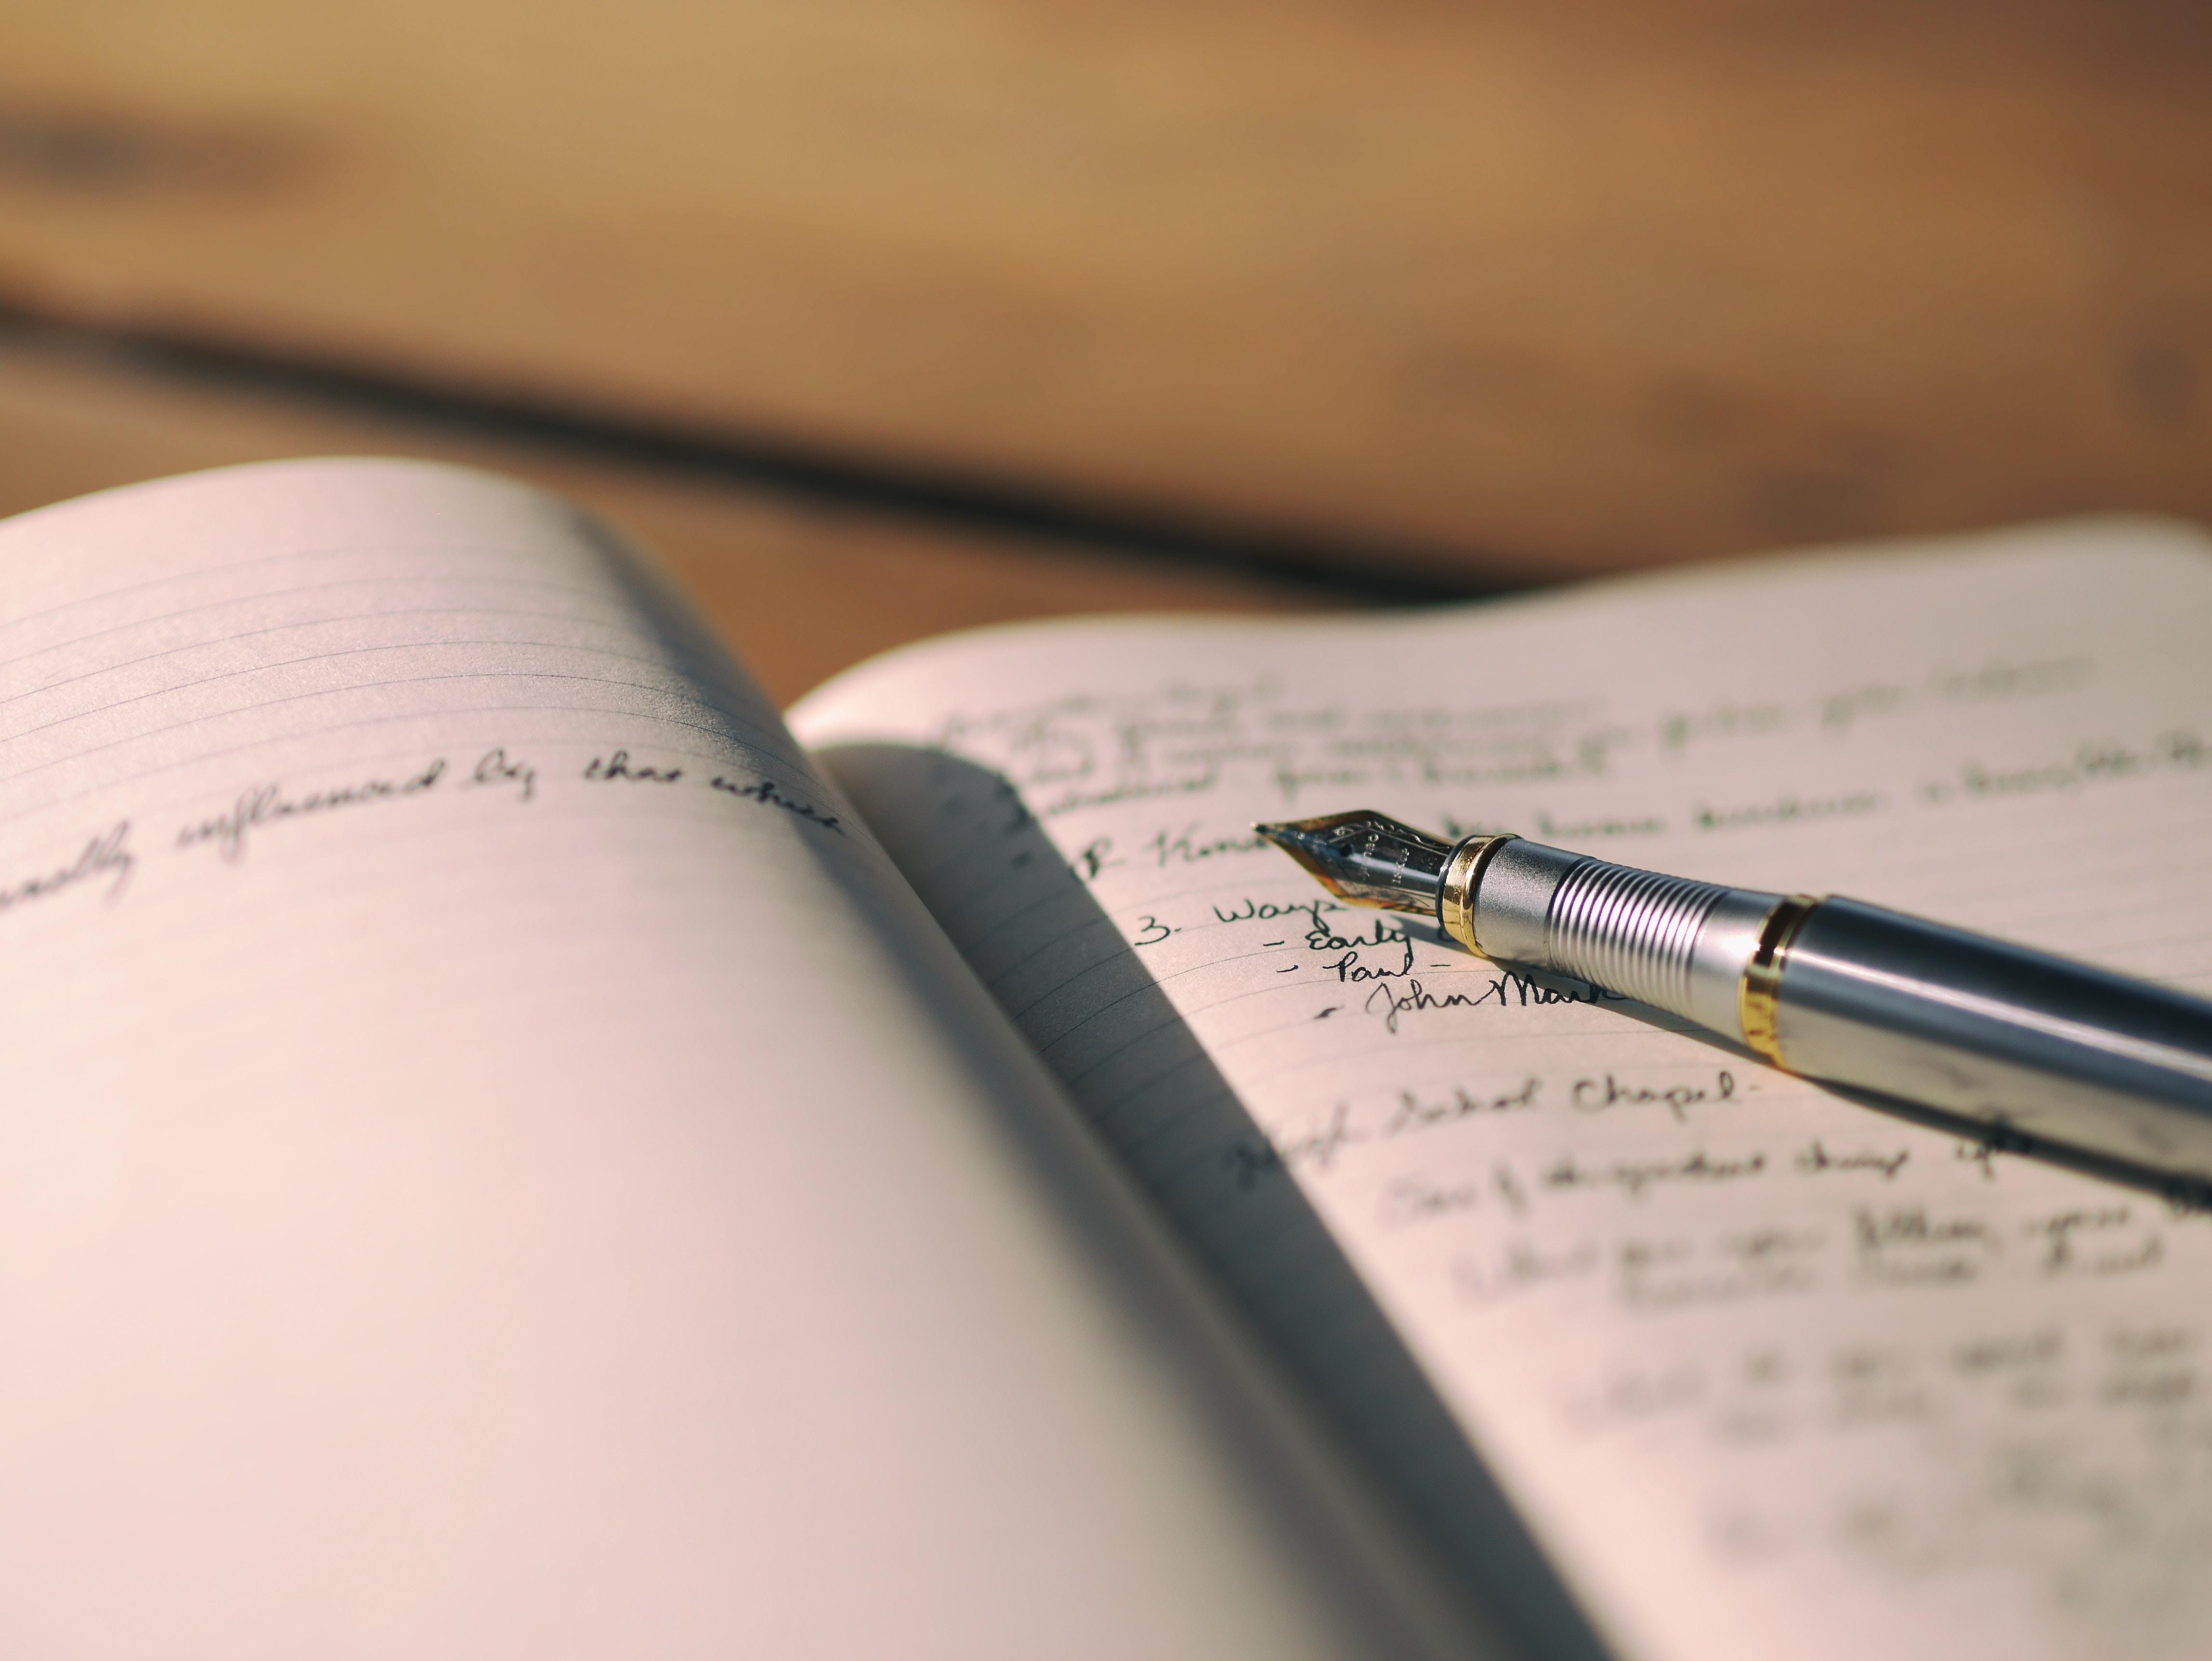 Journal + pen - aaron-burden-90144